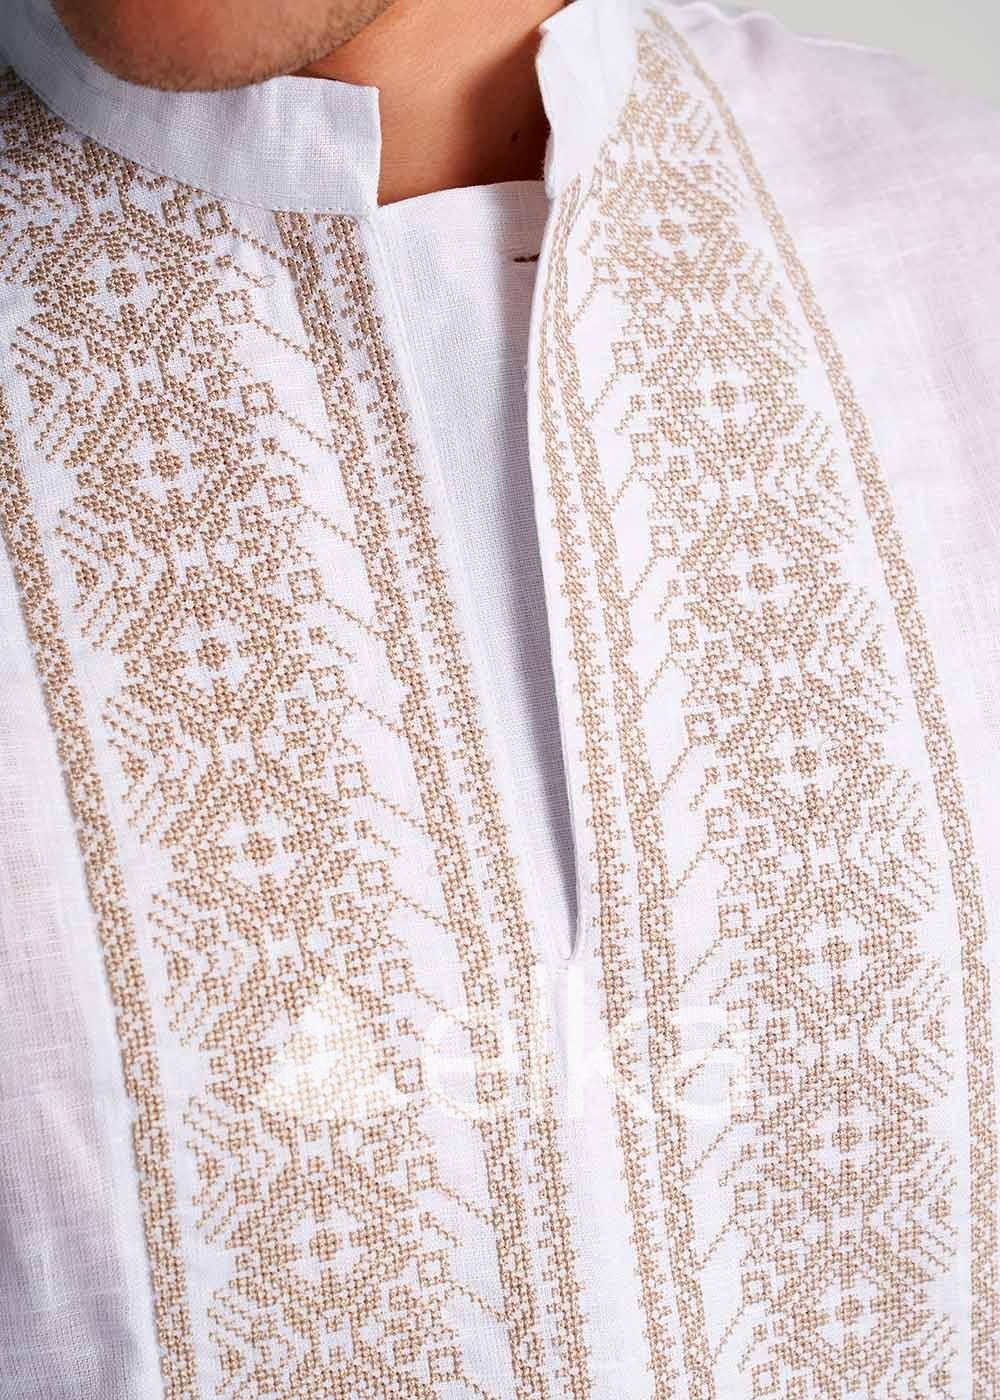 Мужская вышиванка с золотой вышивкой